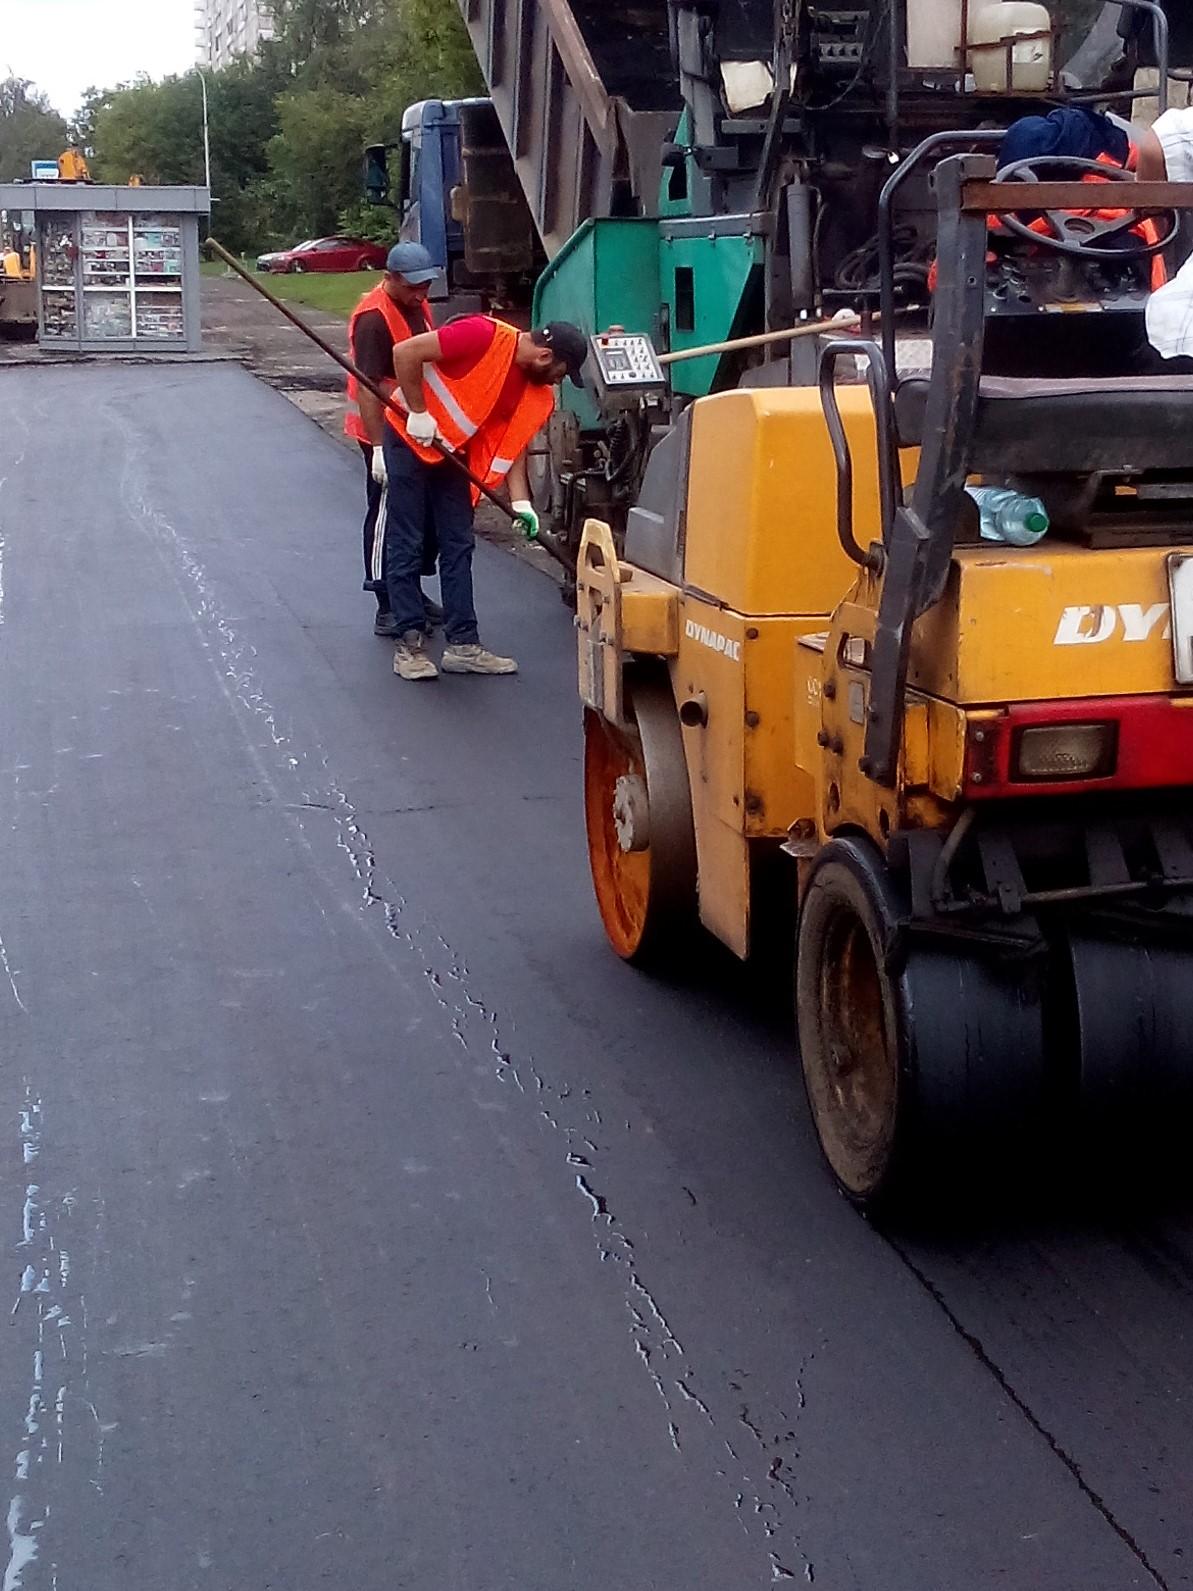 Асфальтирование тротуаров, укладка асфальта, асфальтирование, дорожные работы, строительство дорог